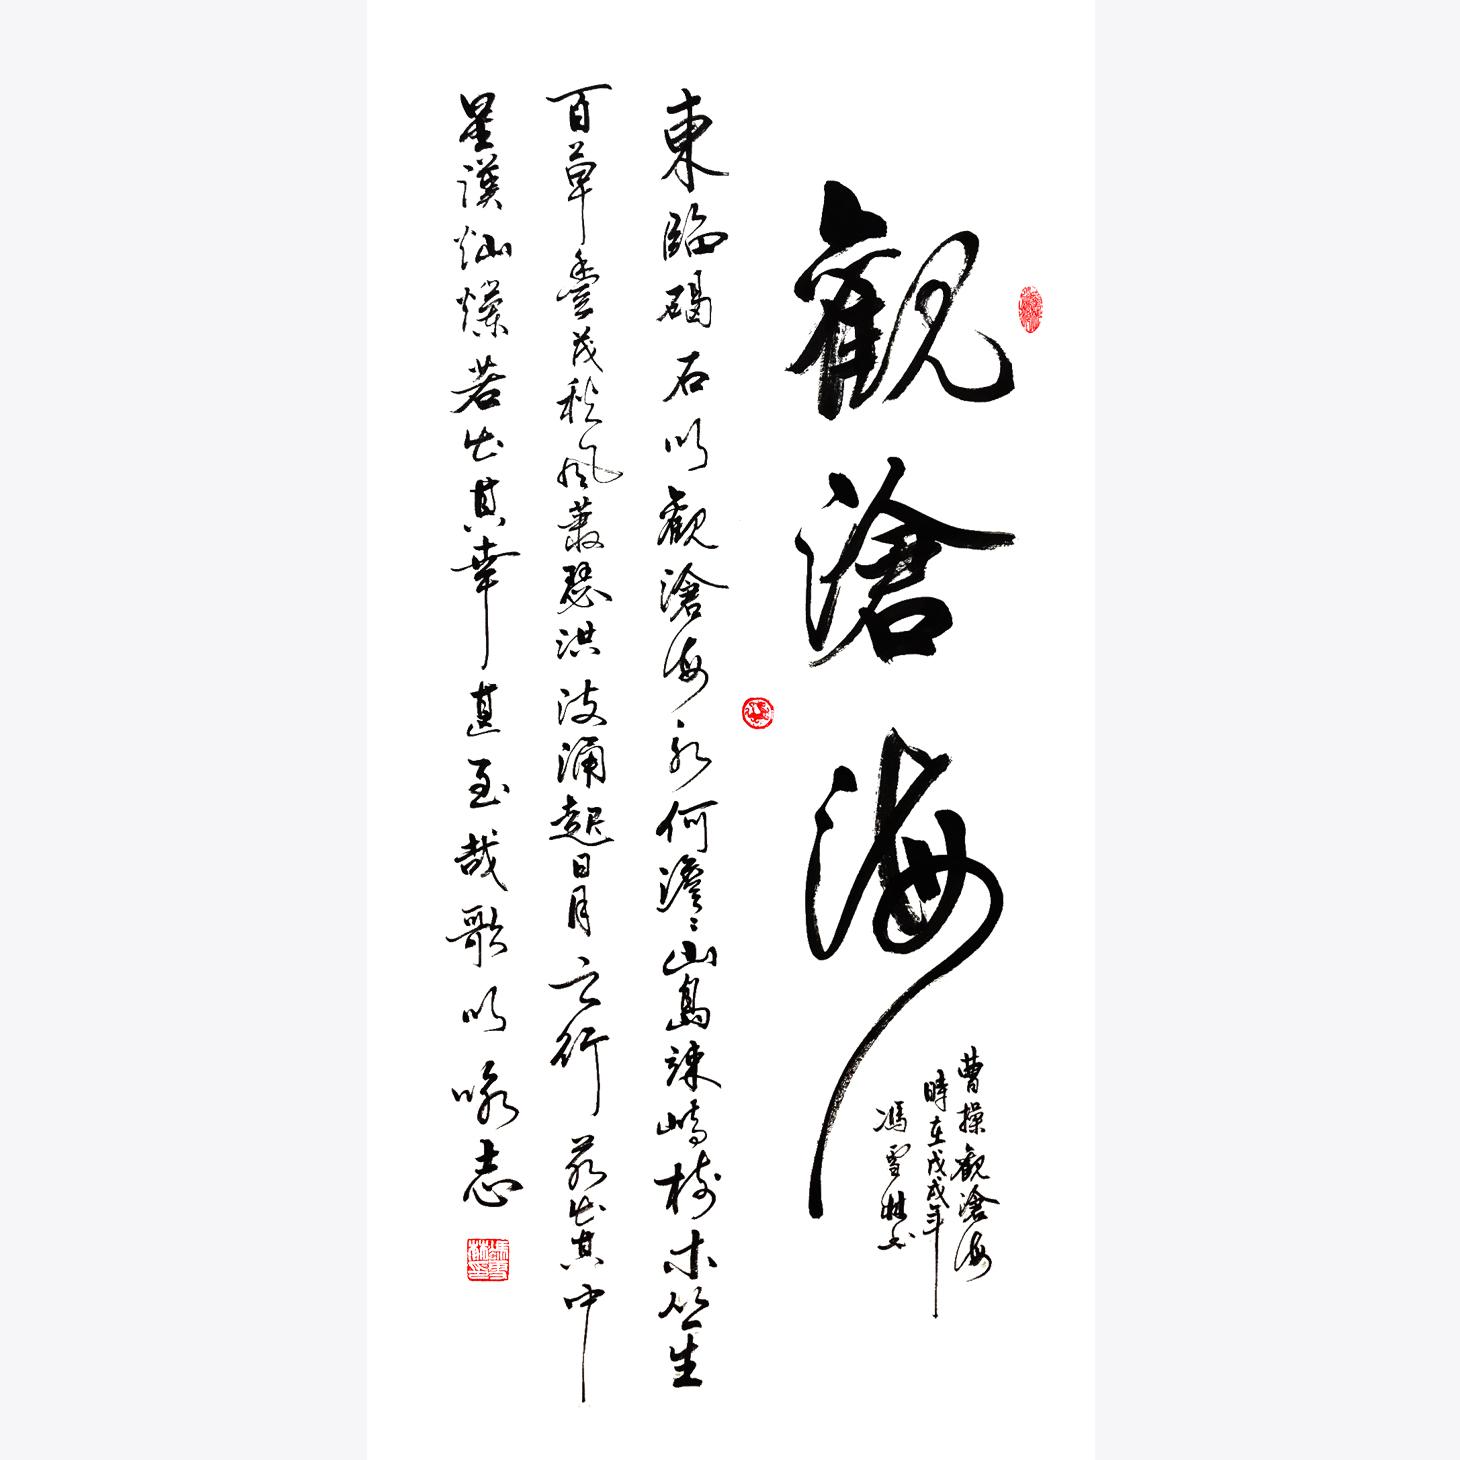 魏武帝曹操名篇《观沧海》行书条幅 观沧海书法作品欣赏